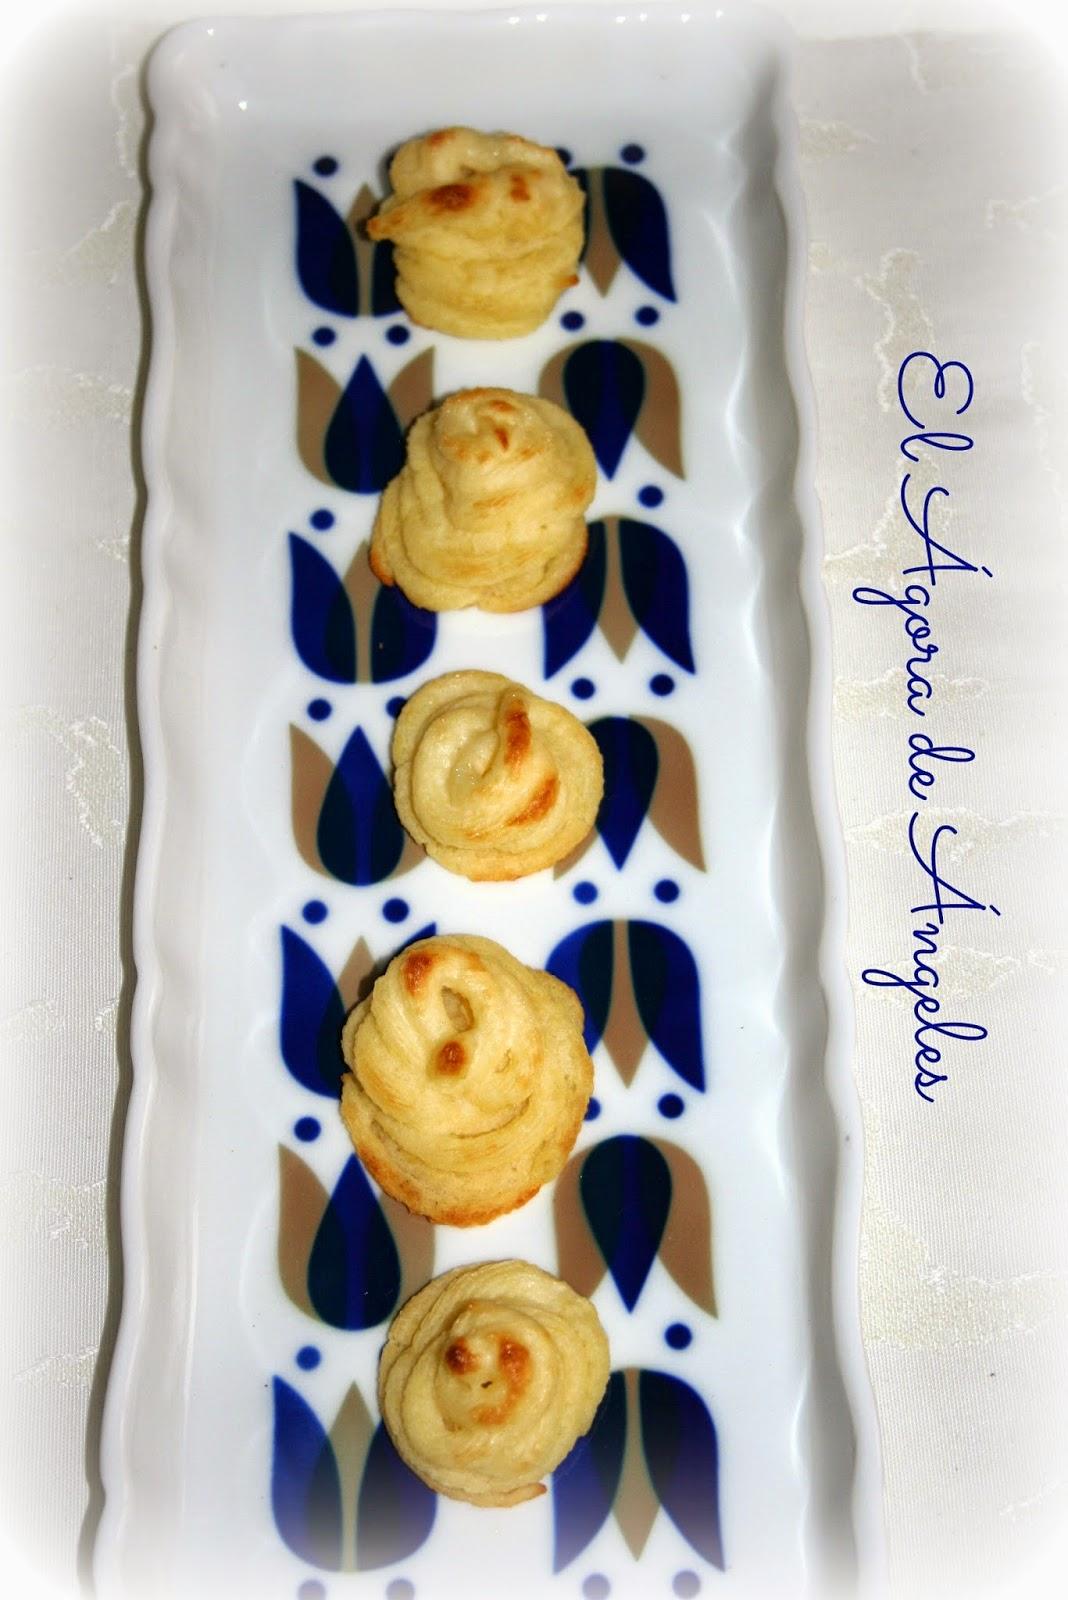 patatas duquesa, guarnición